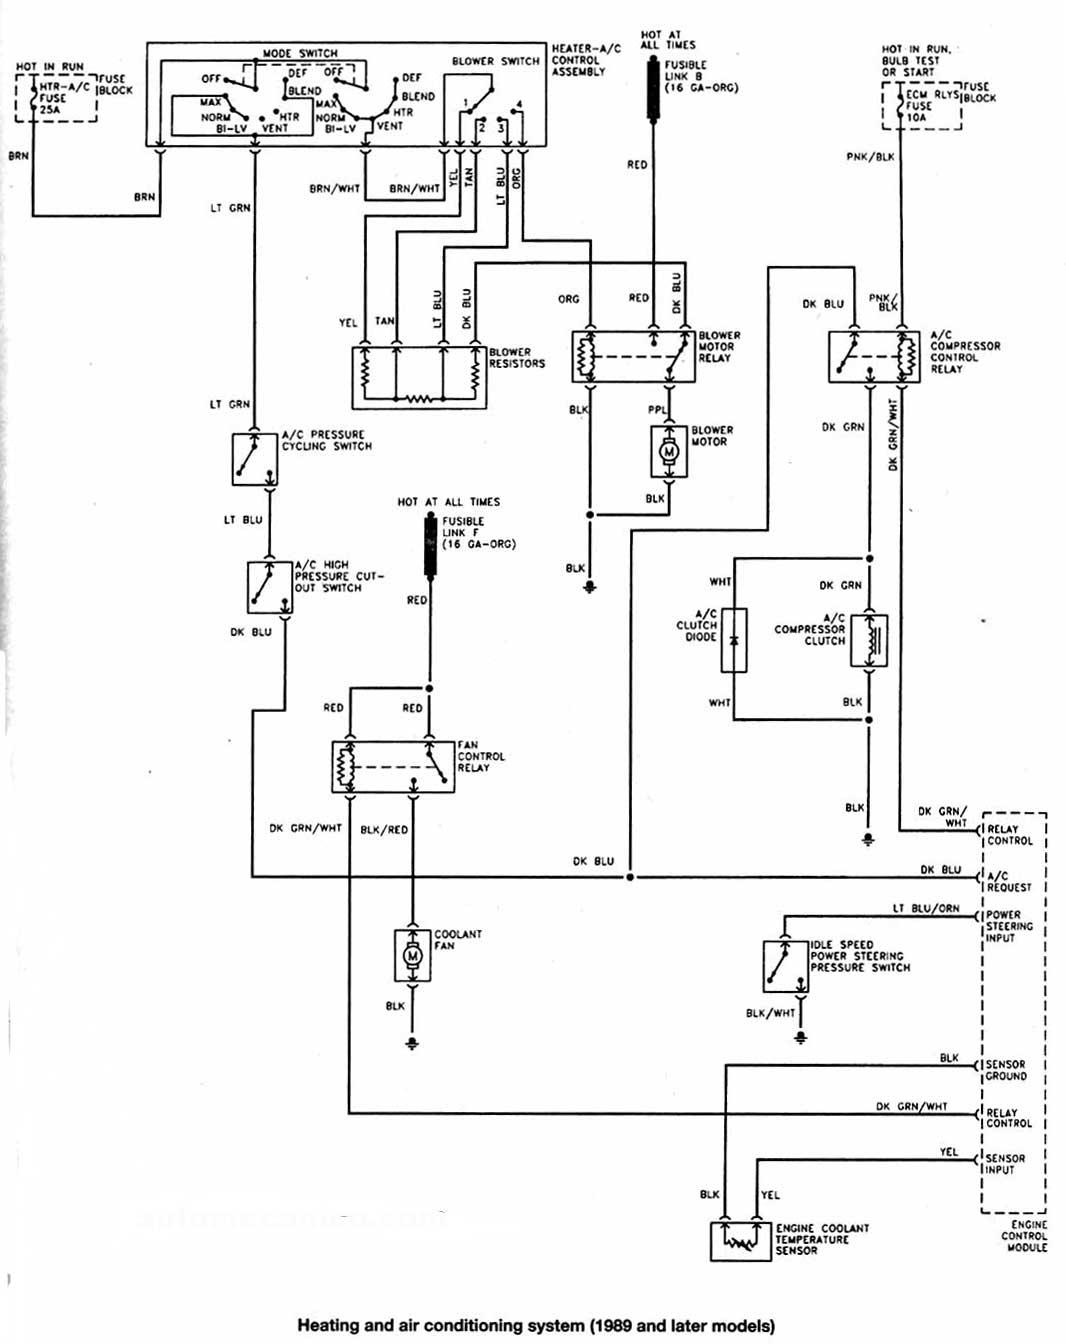 proto diagrama de cableado de la bomba